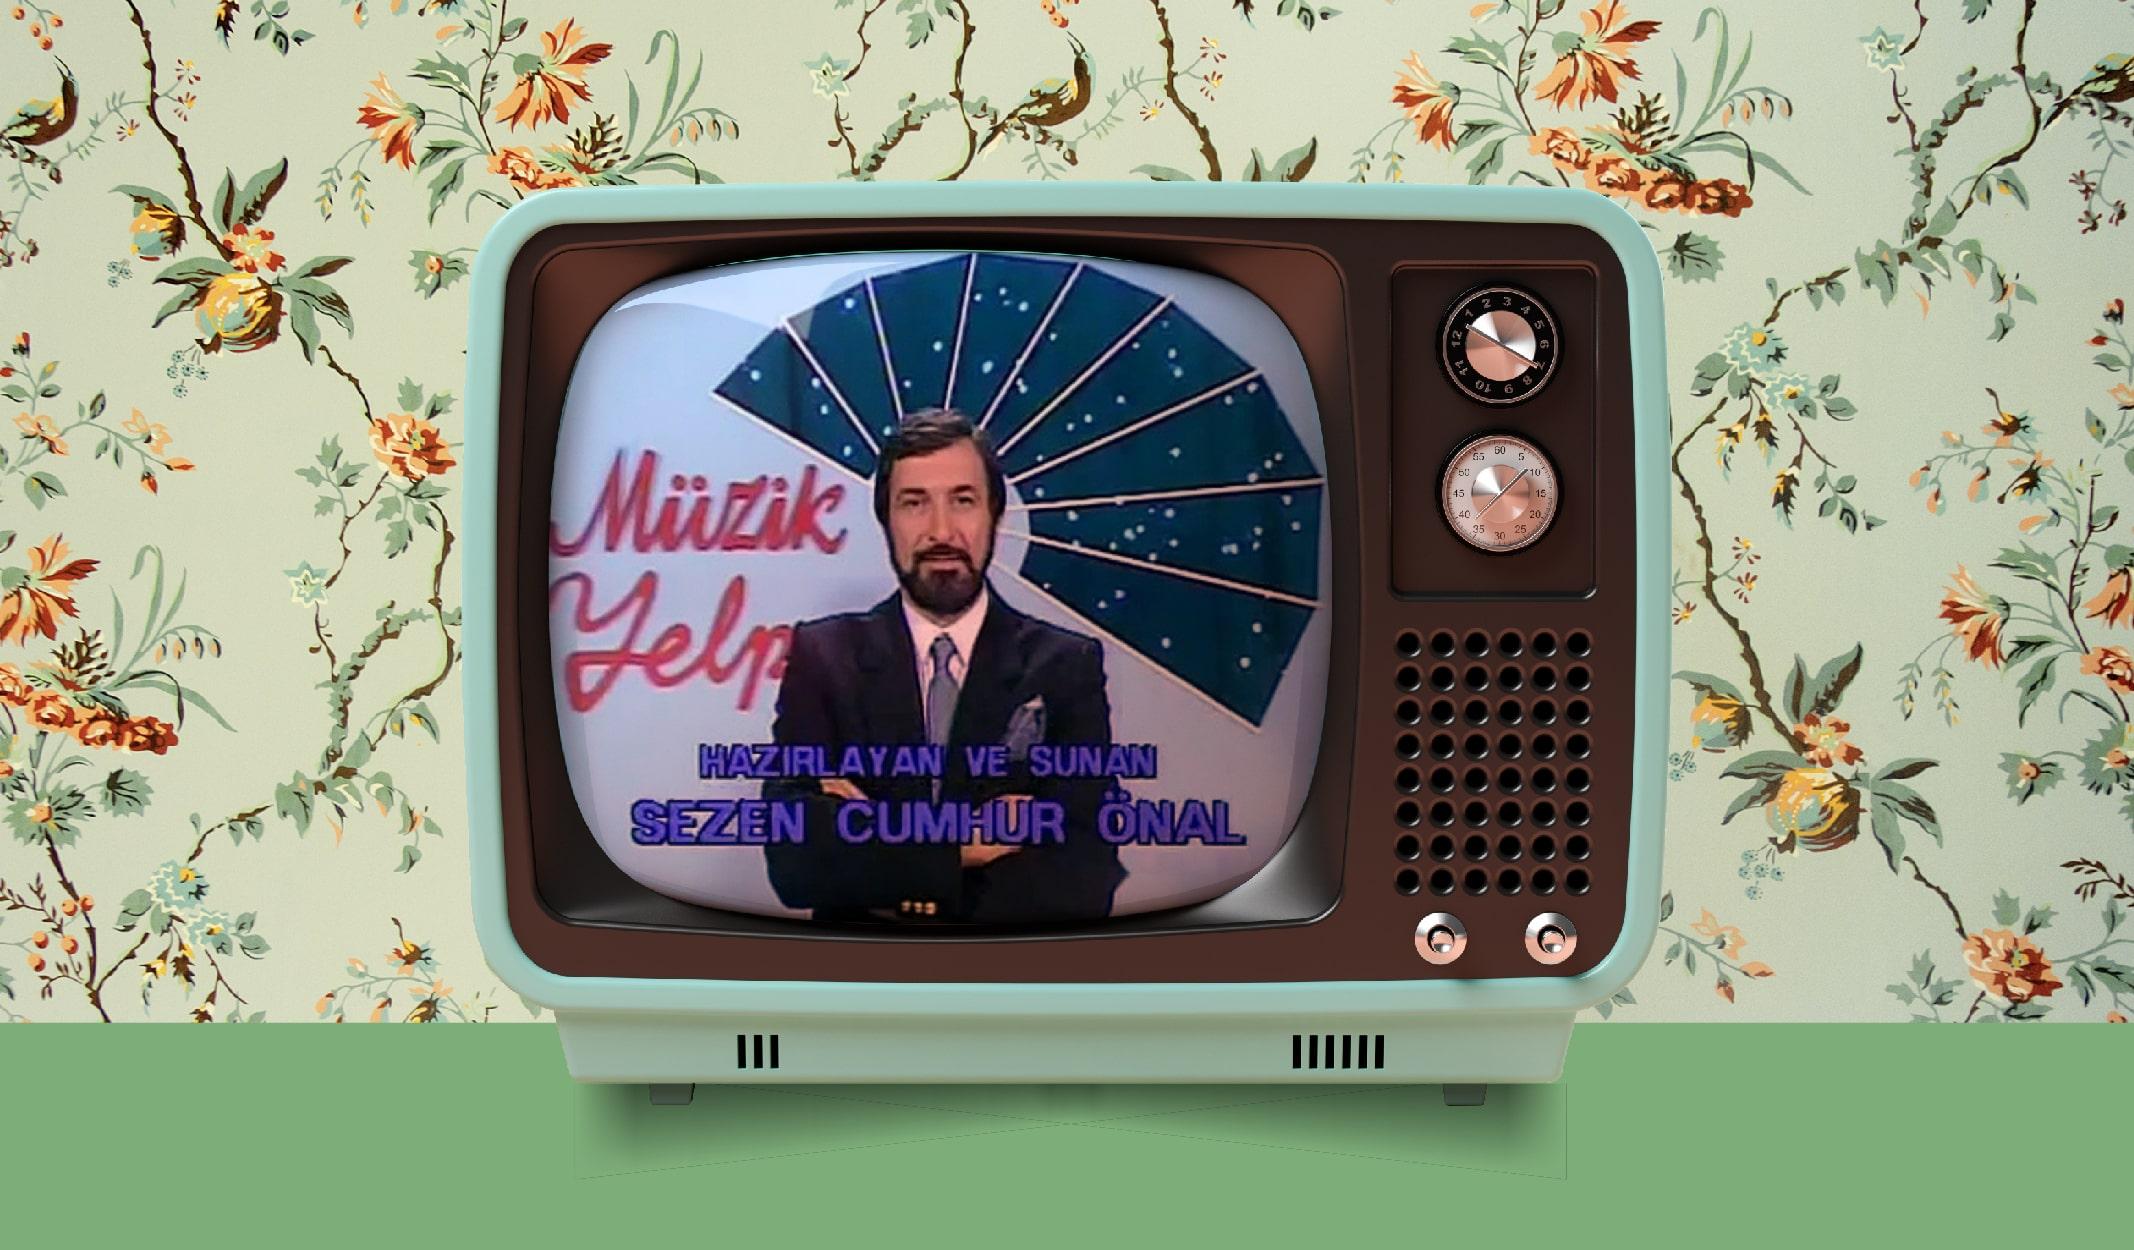 Televizyon kültürü, Türkiye'de çok etkin rol oynamıştır.